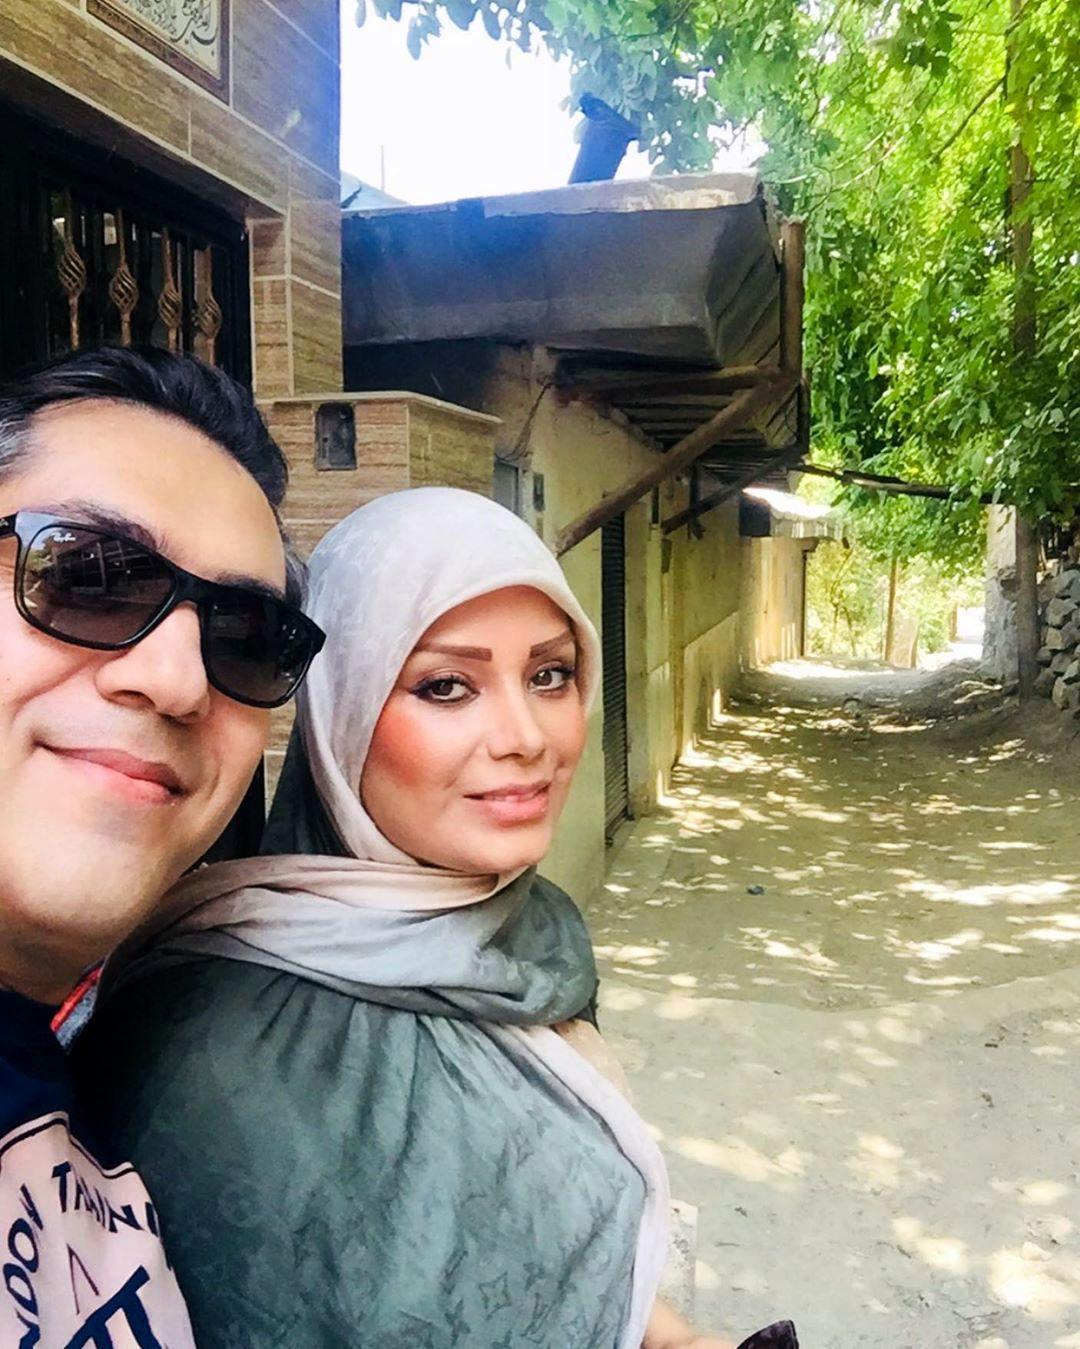 وضعیت اقتصادی صبا راد و همسر خواننده اش